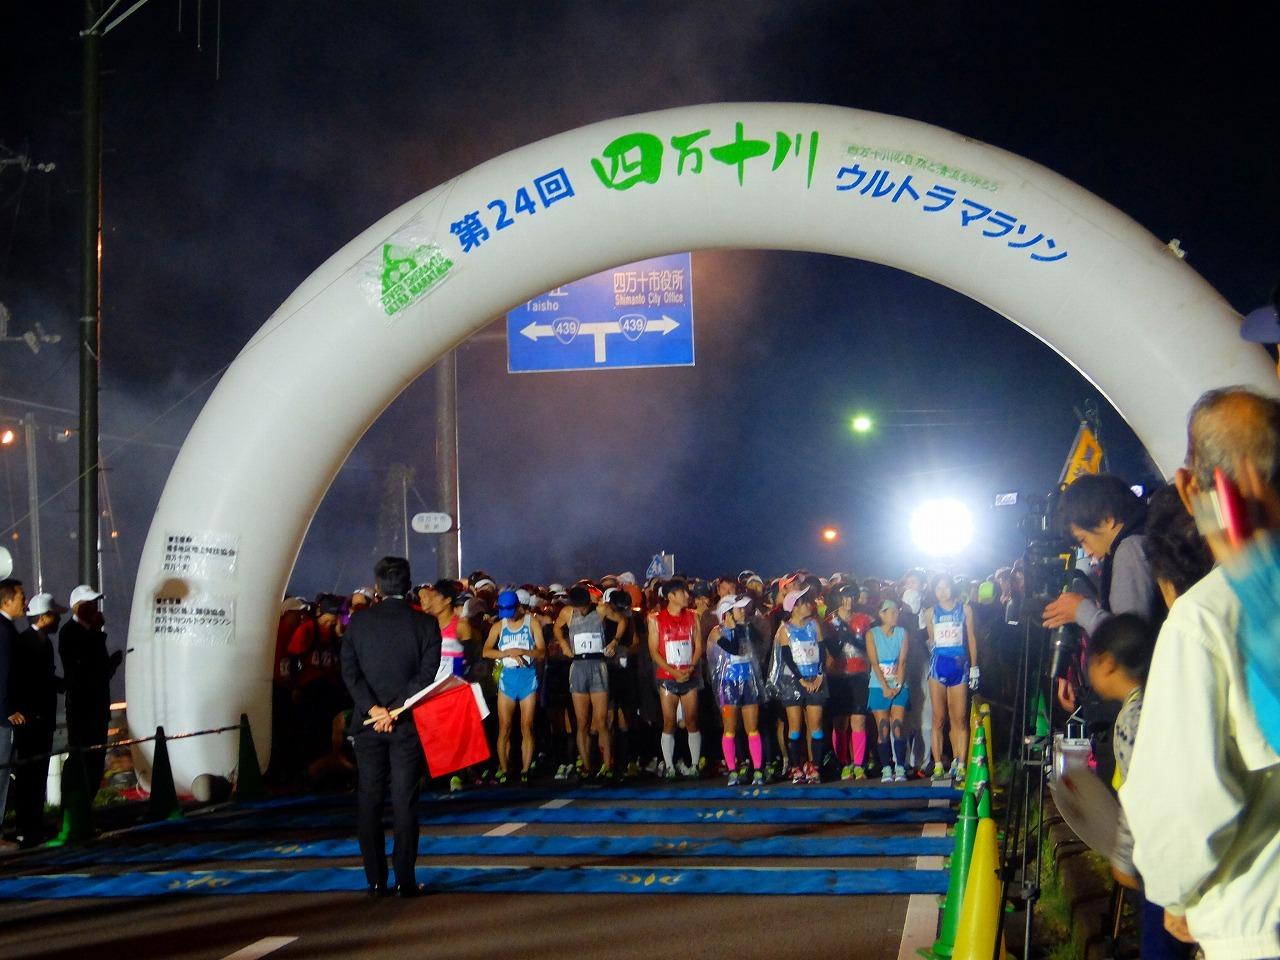 四万十川ウルトラマラソン!_e0175443_18024984.jpg